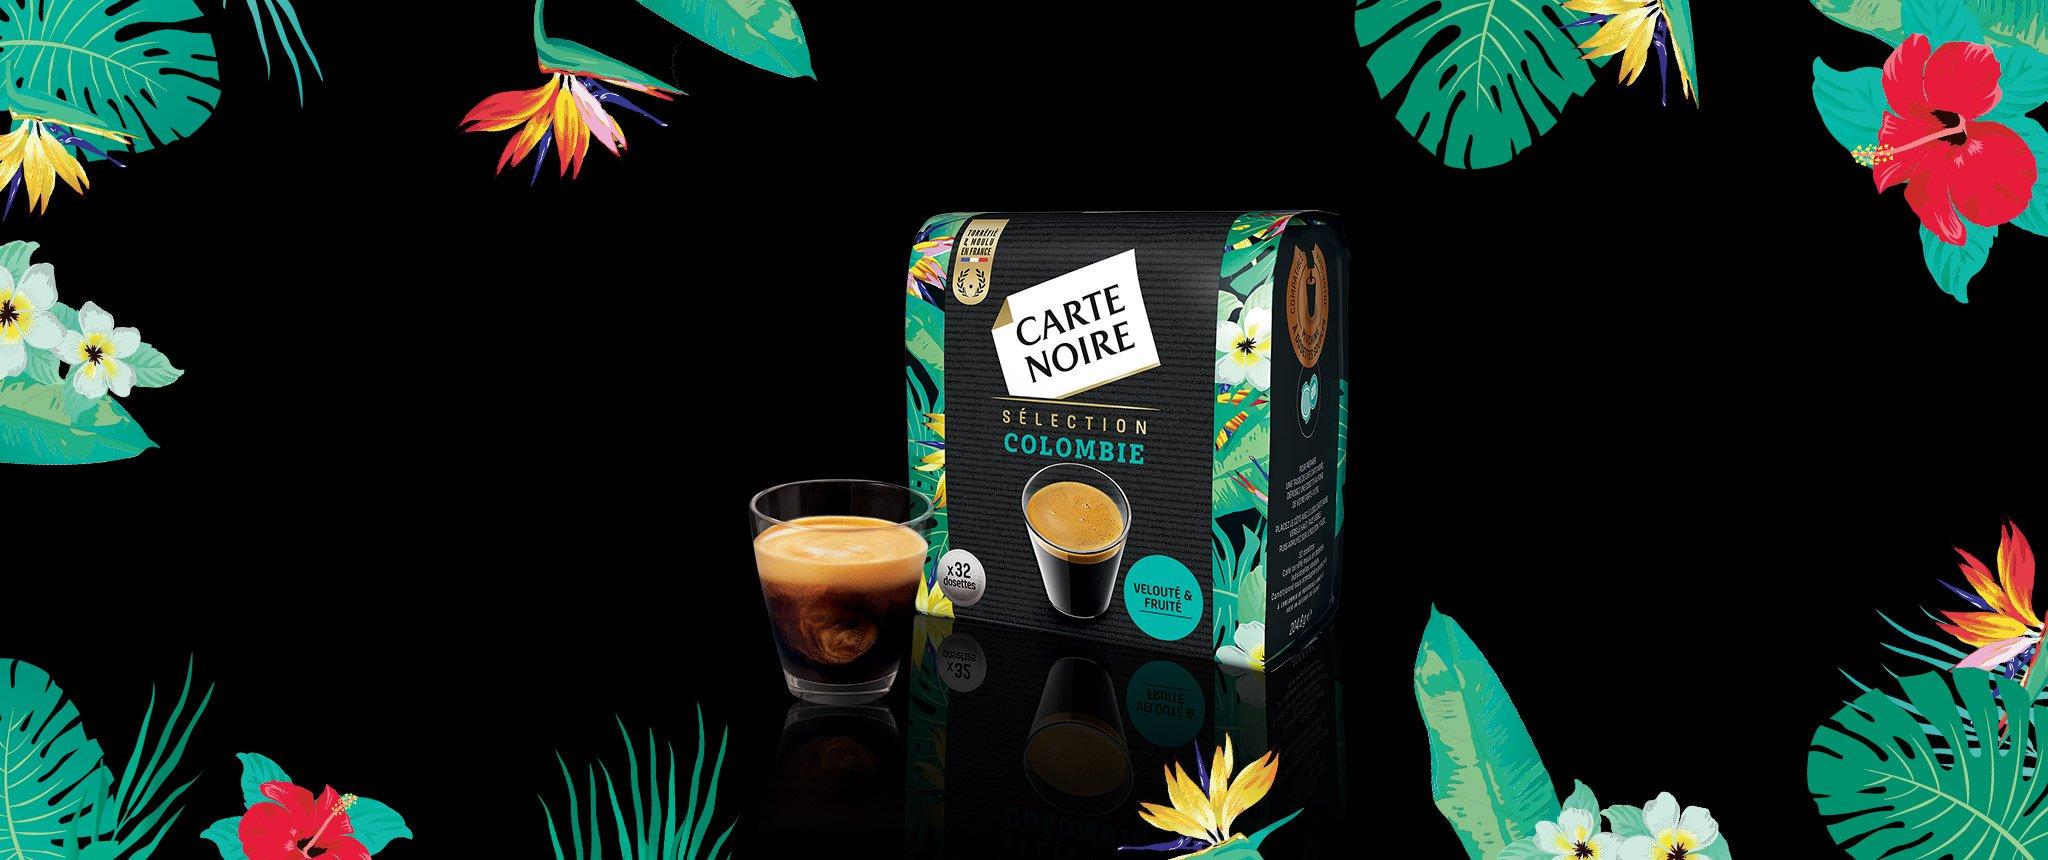 SELECTION COLOMBIE - Café torréfié moulu en dosettes individuelles souples